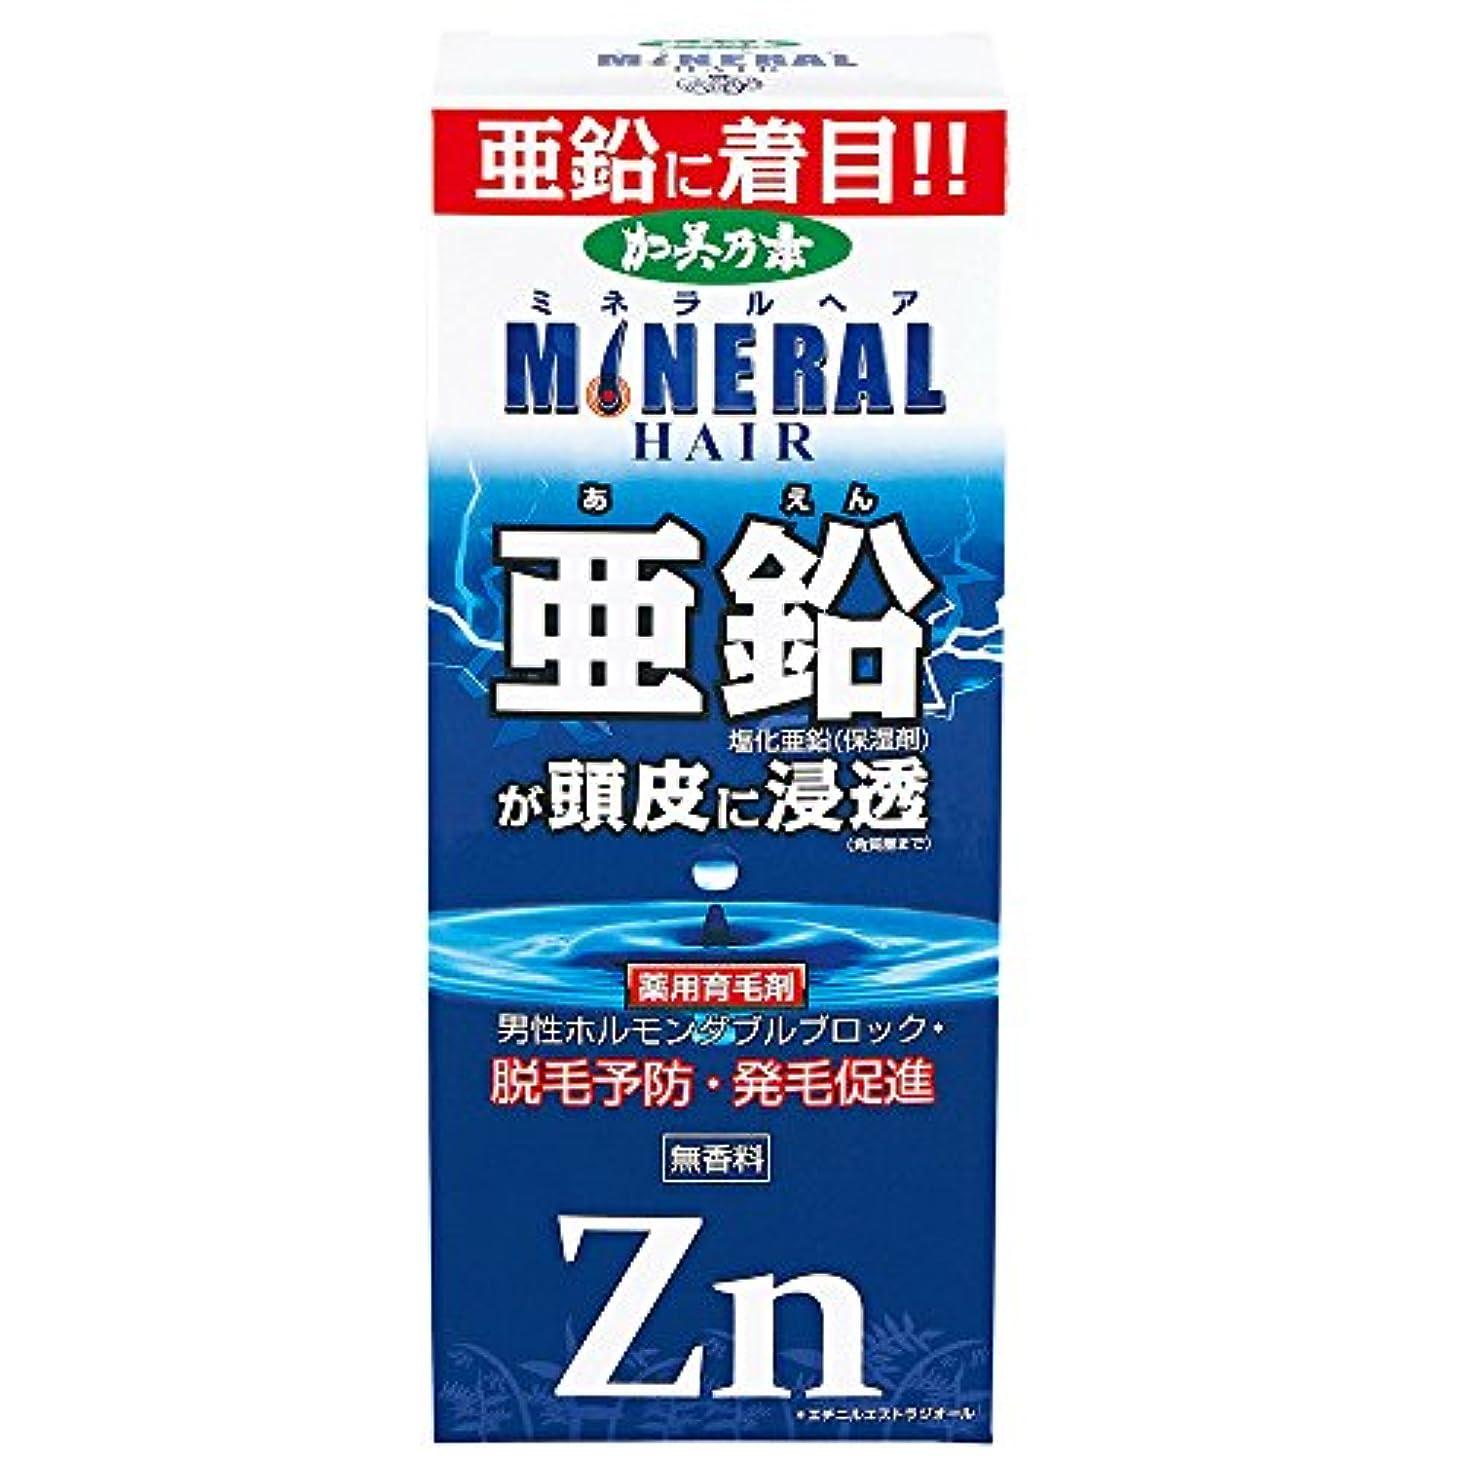 ロープ独立したいらいらさせる薬用加美乃素 ミネラルヘア 育毛剤 180mL (医薬部外品)